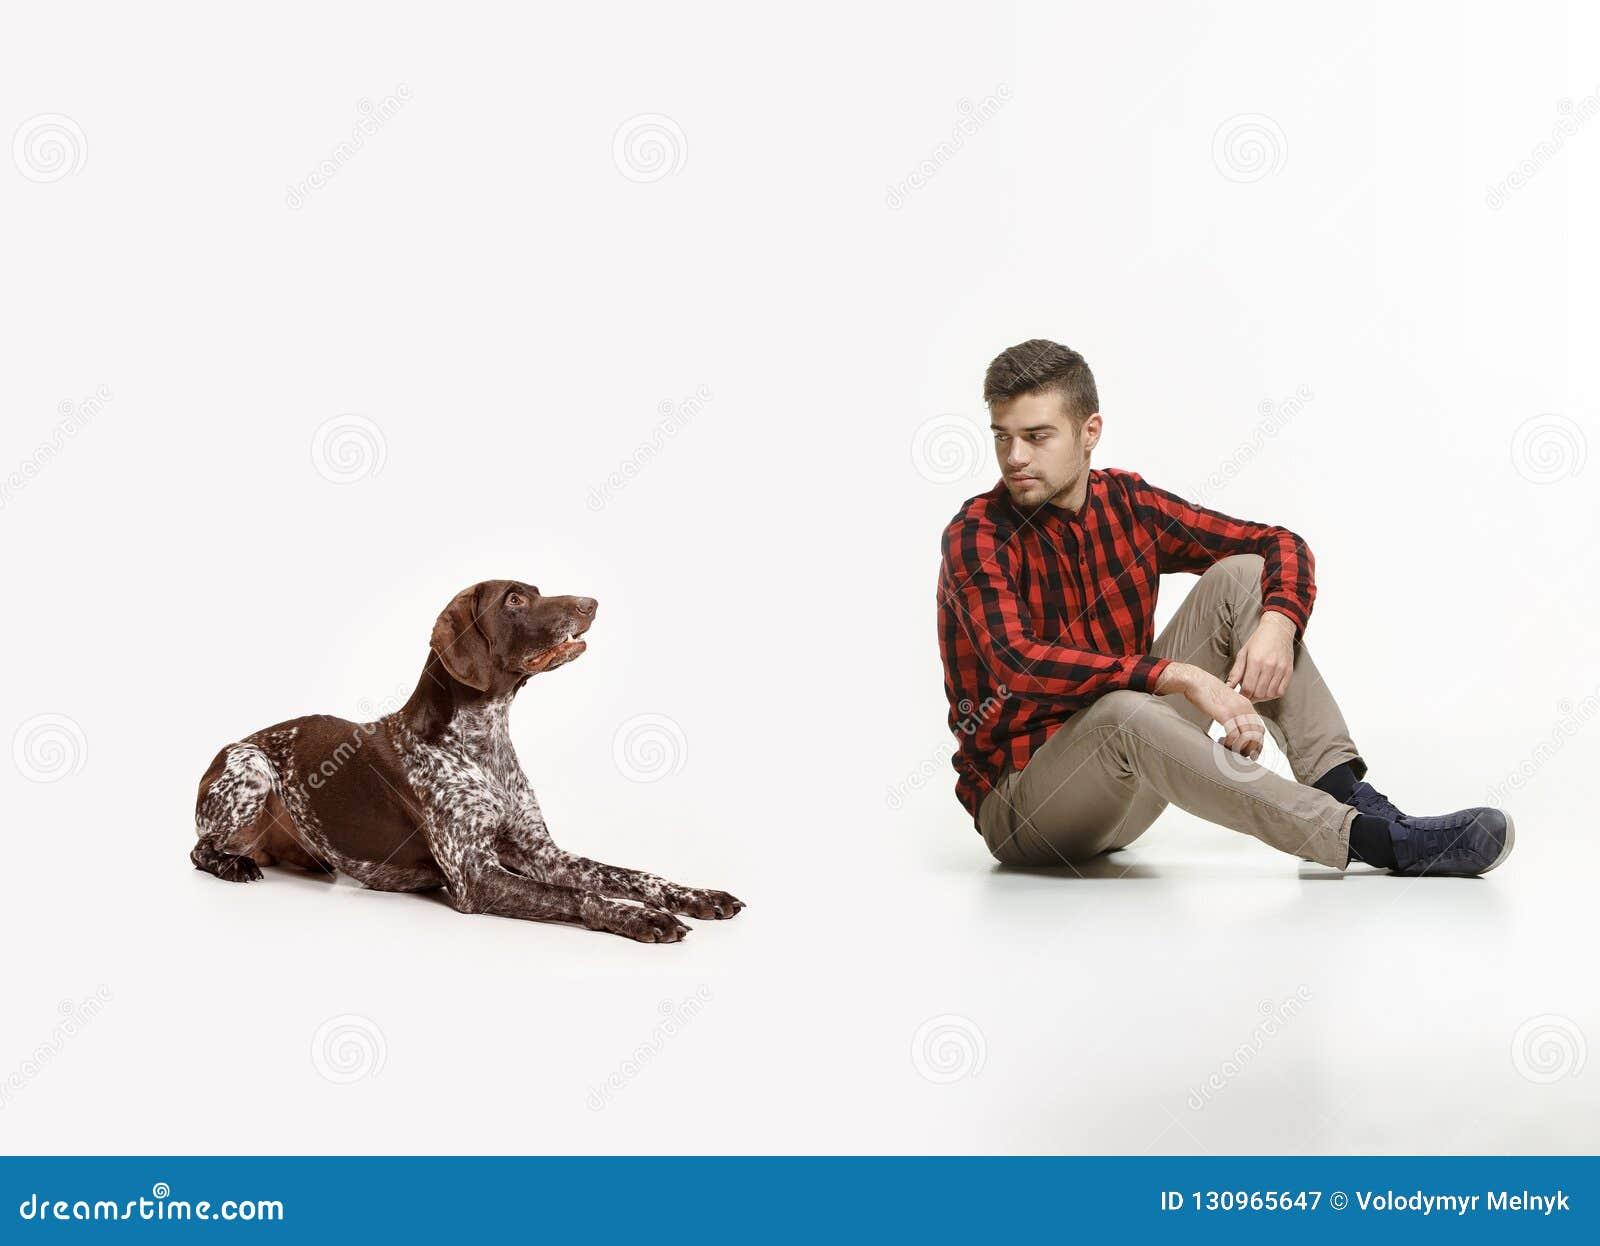 Emotionales Porträt eines Mannes und seines Hundes, Konzept der Freundschaft und Sorgfalt des Mannes und des Tieres